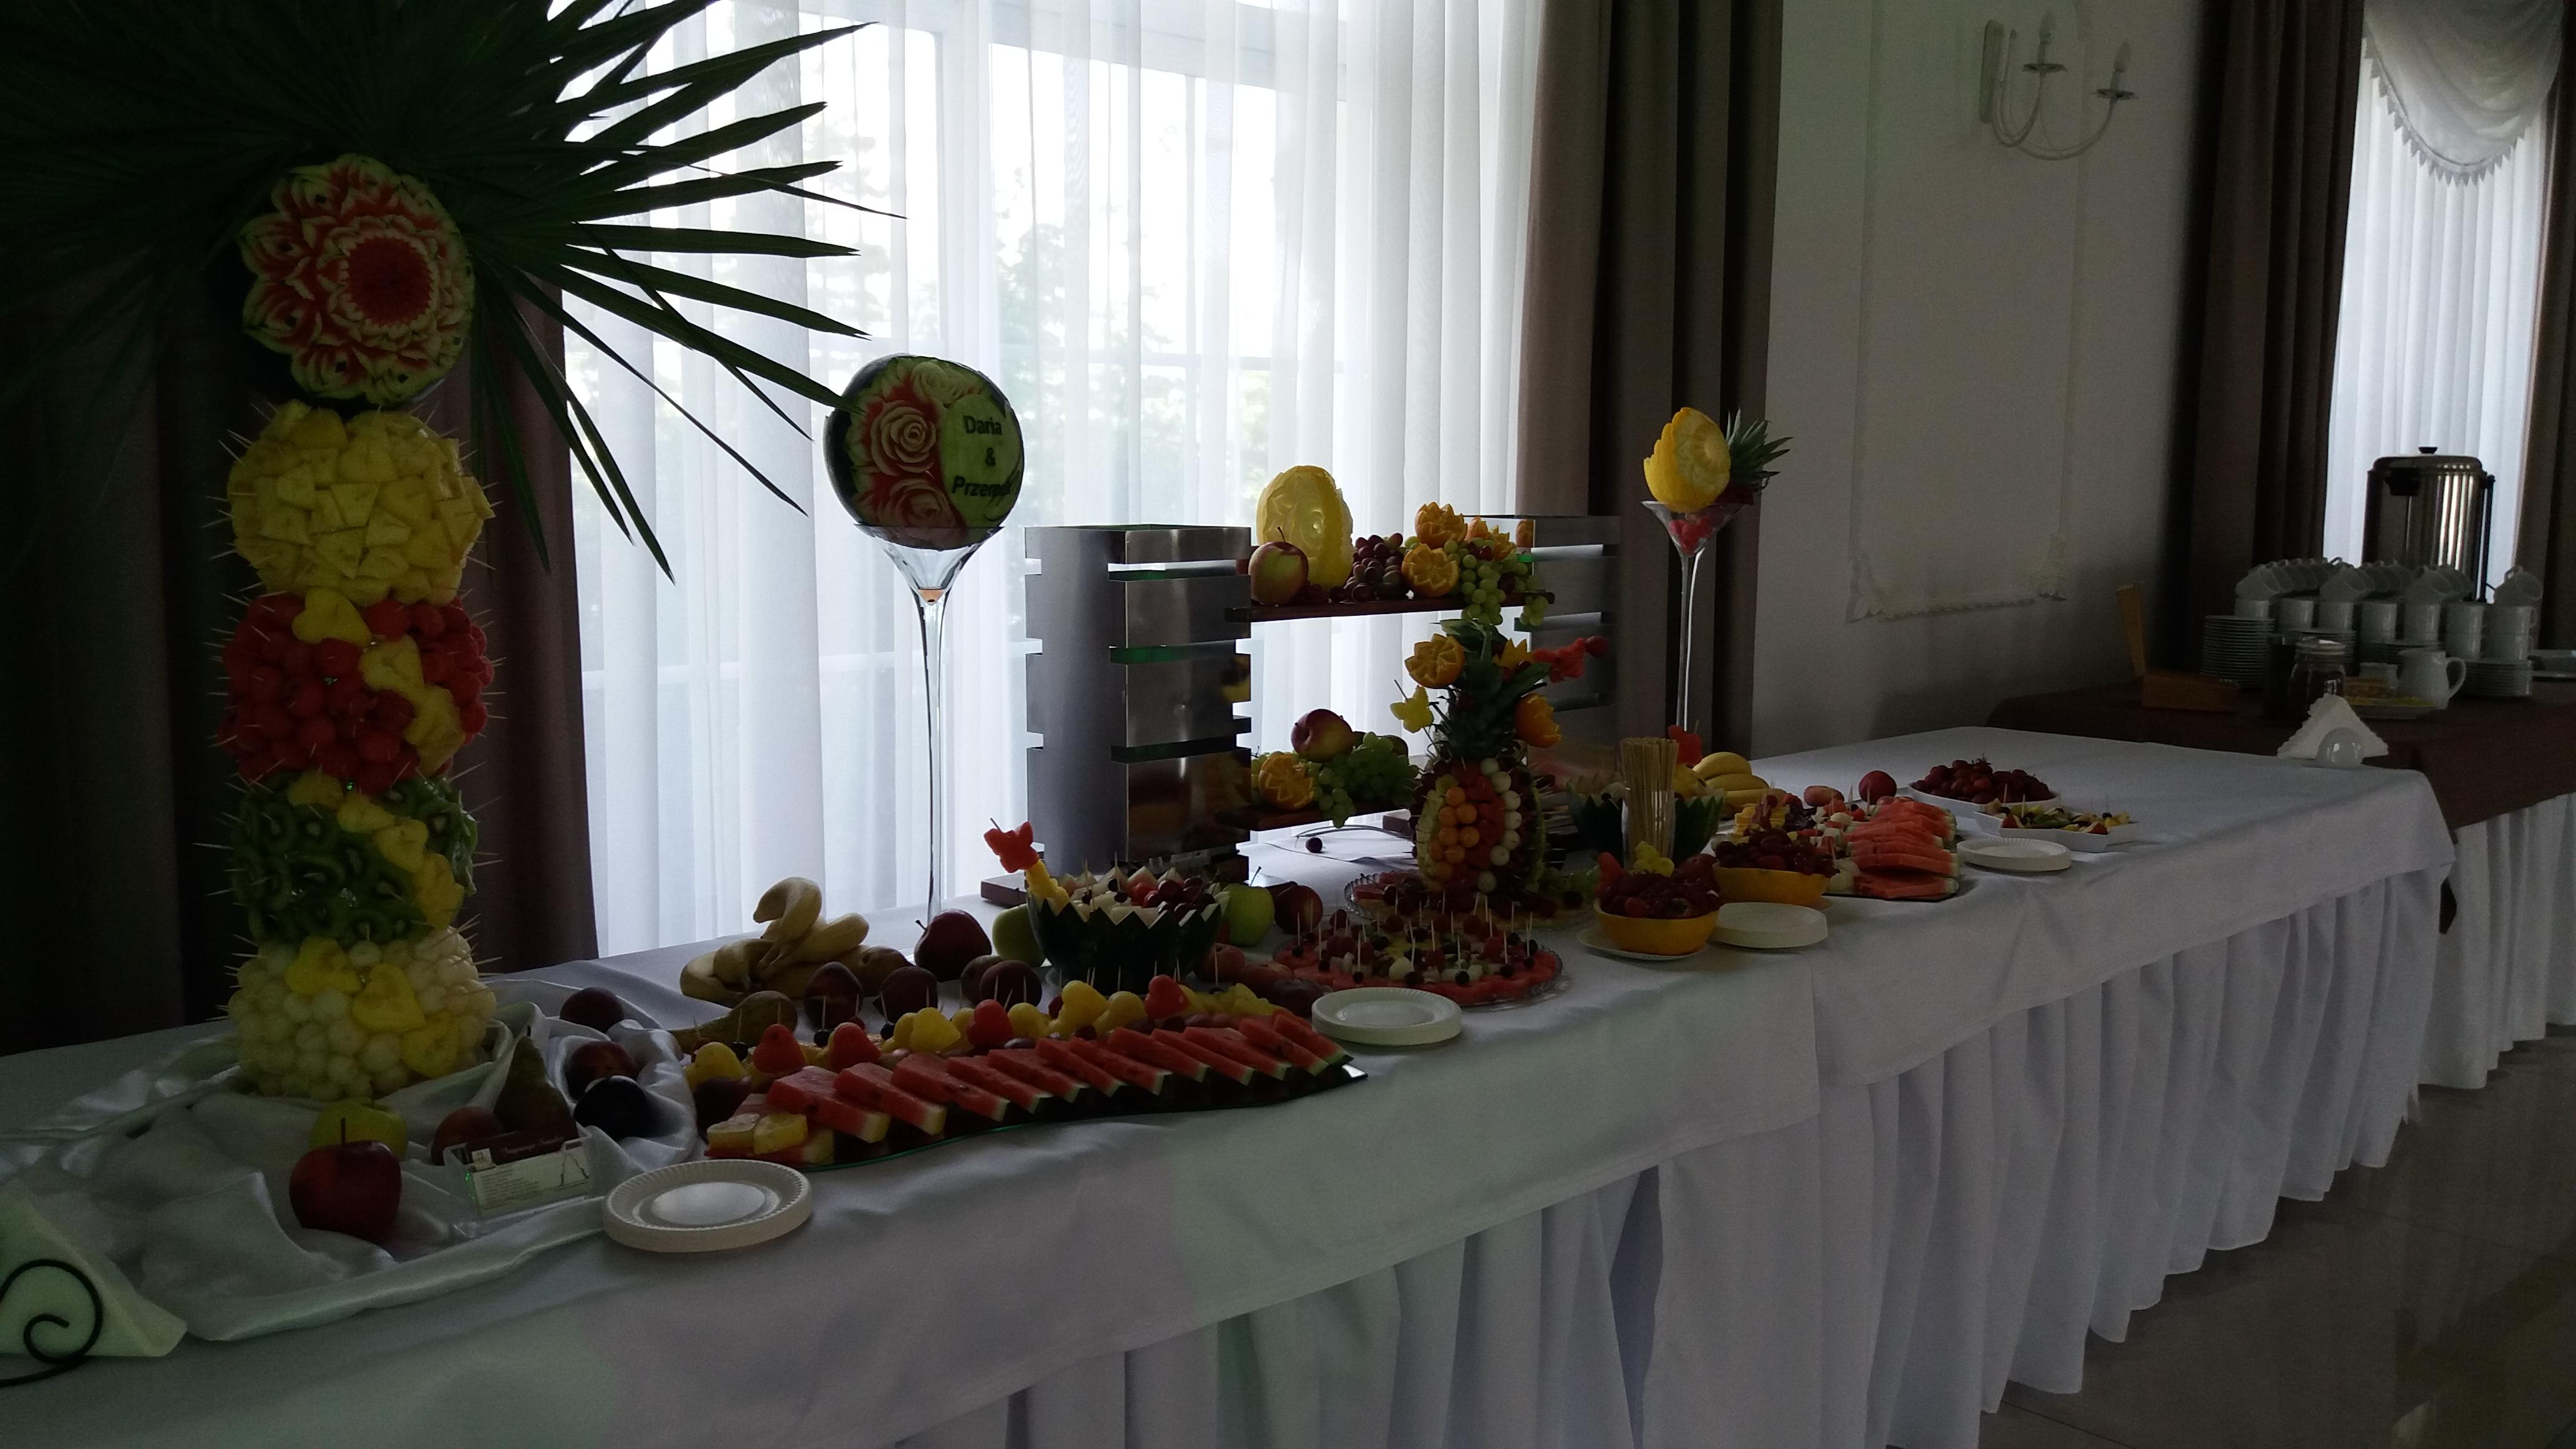 bufet owocowy Zajazd Staropolski, stół z owocami, dekoracje owocowe, owoce na wesele, fruit carving, fruits art, food art,